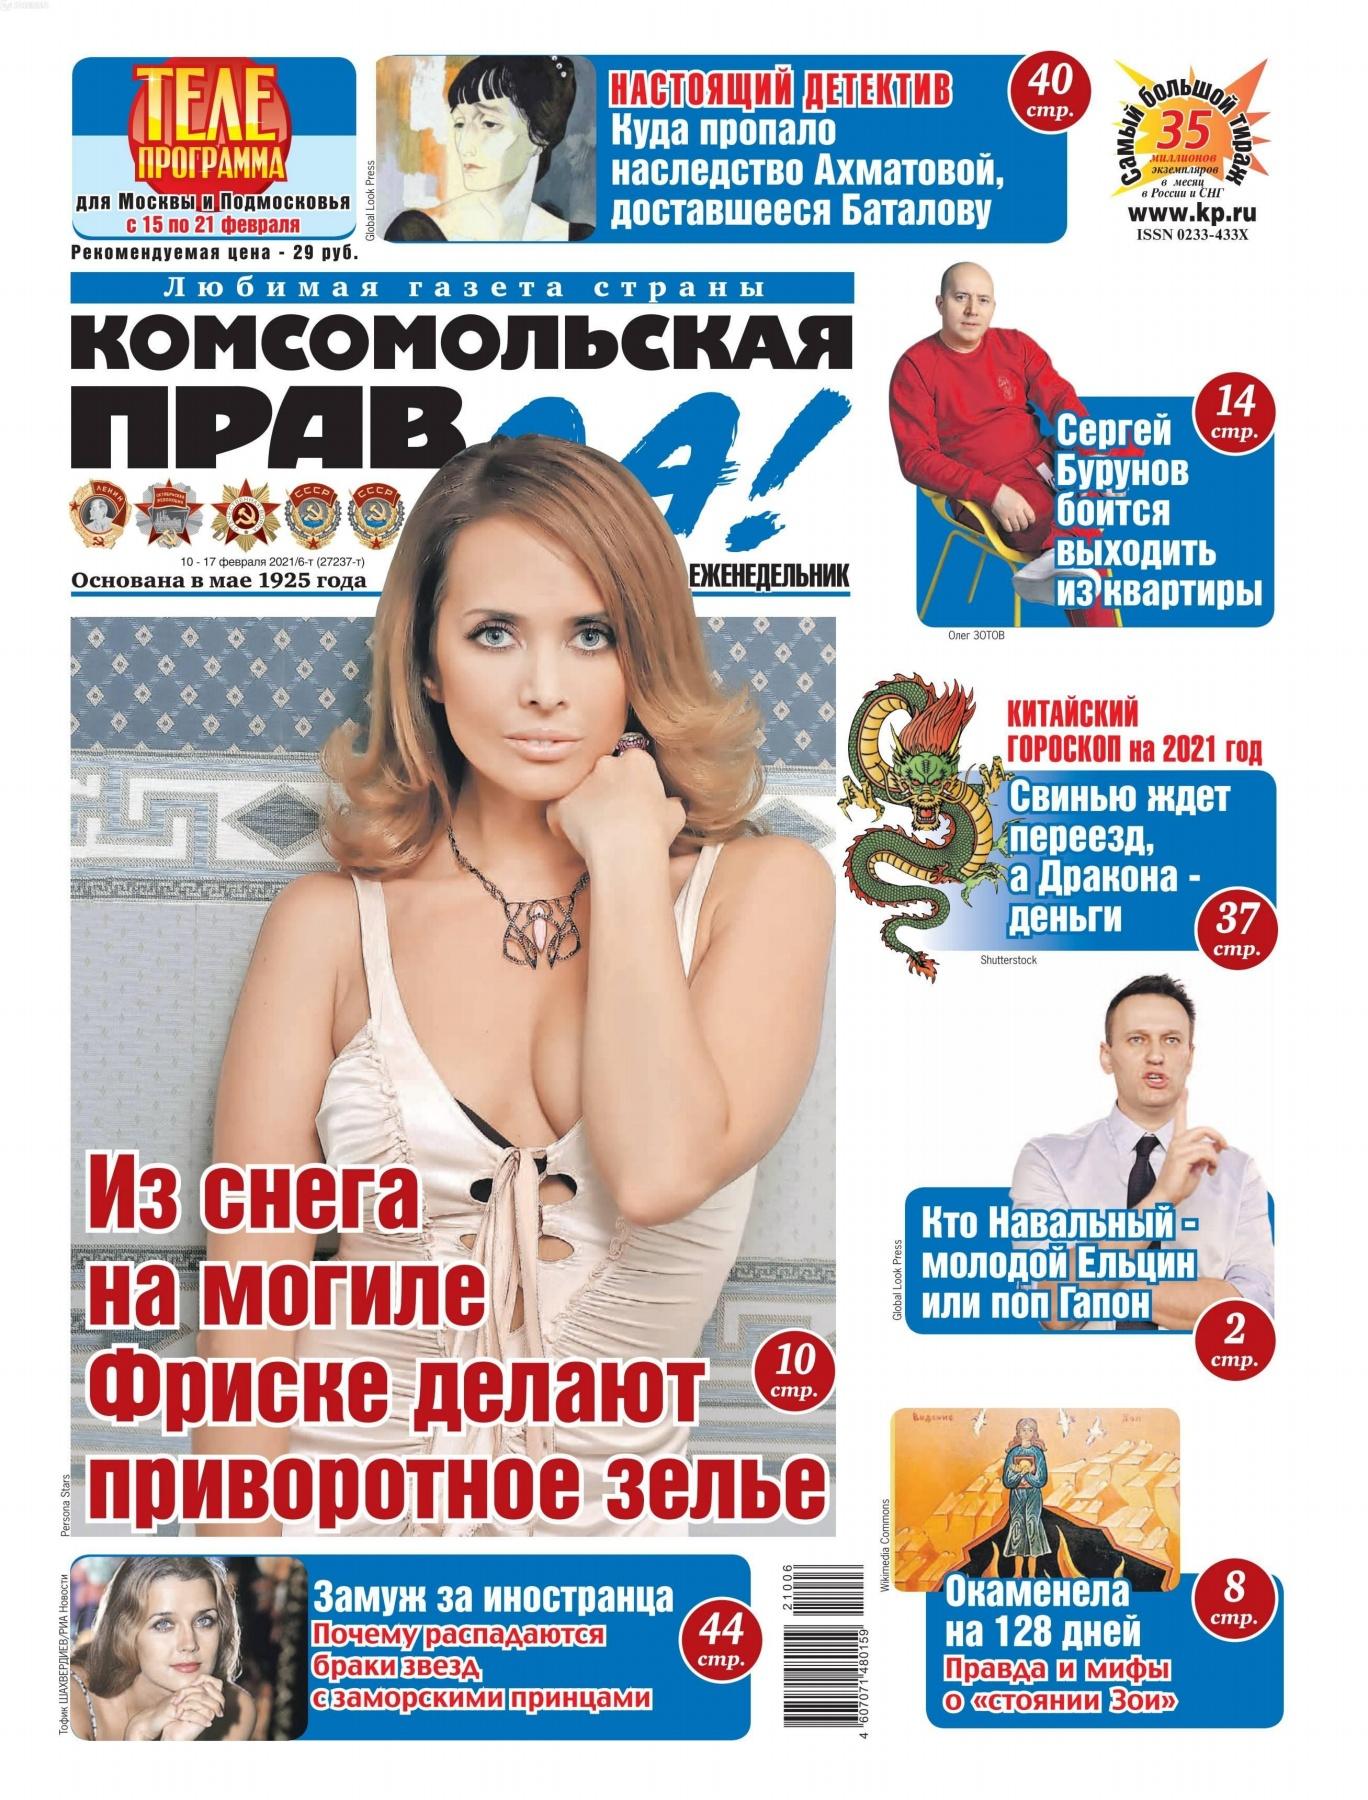 Комсомольская правда №6, февраль 2021